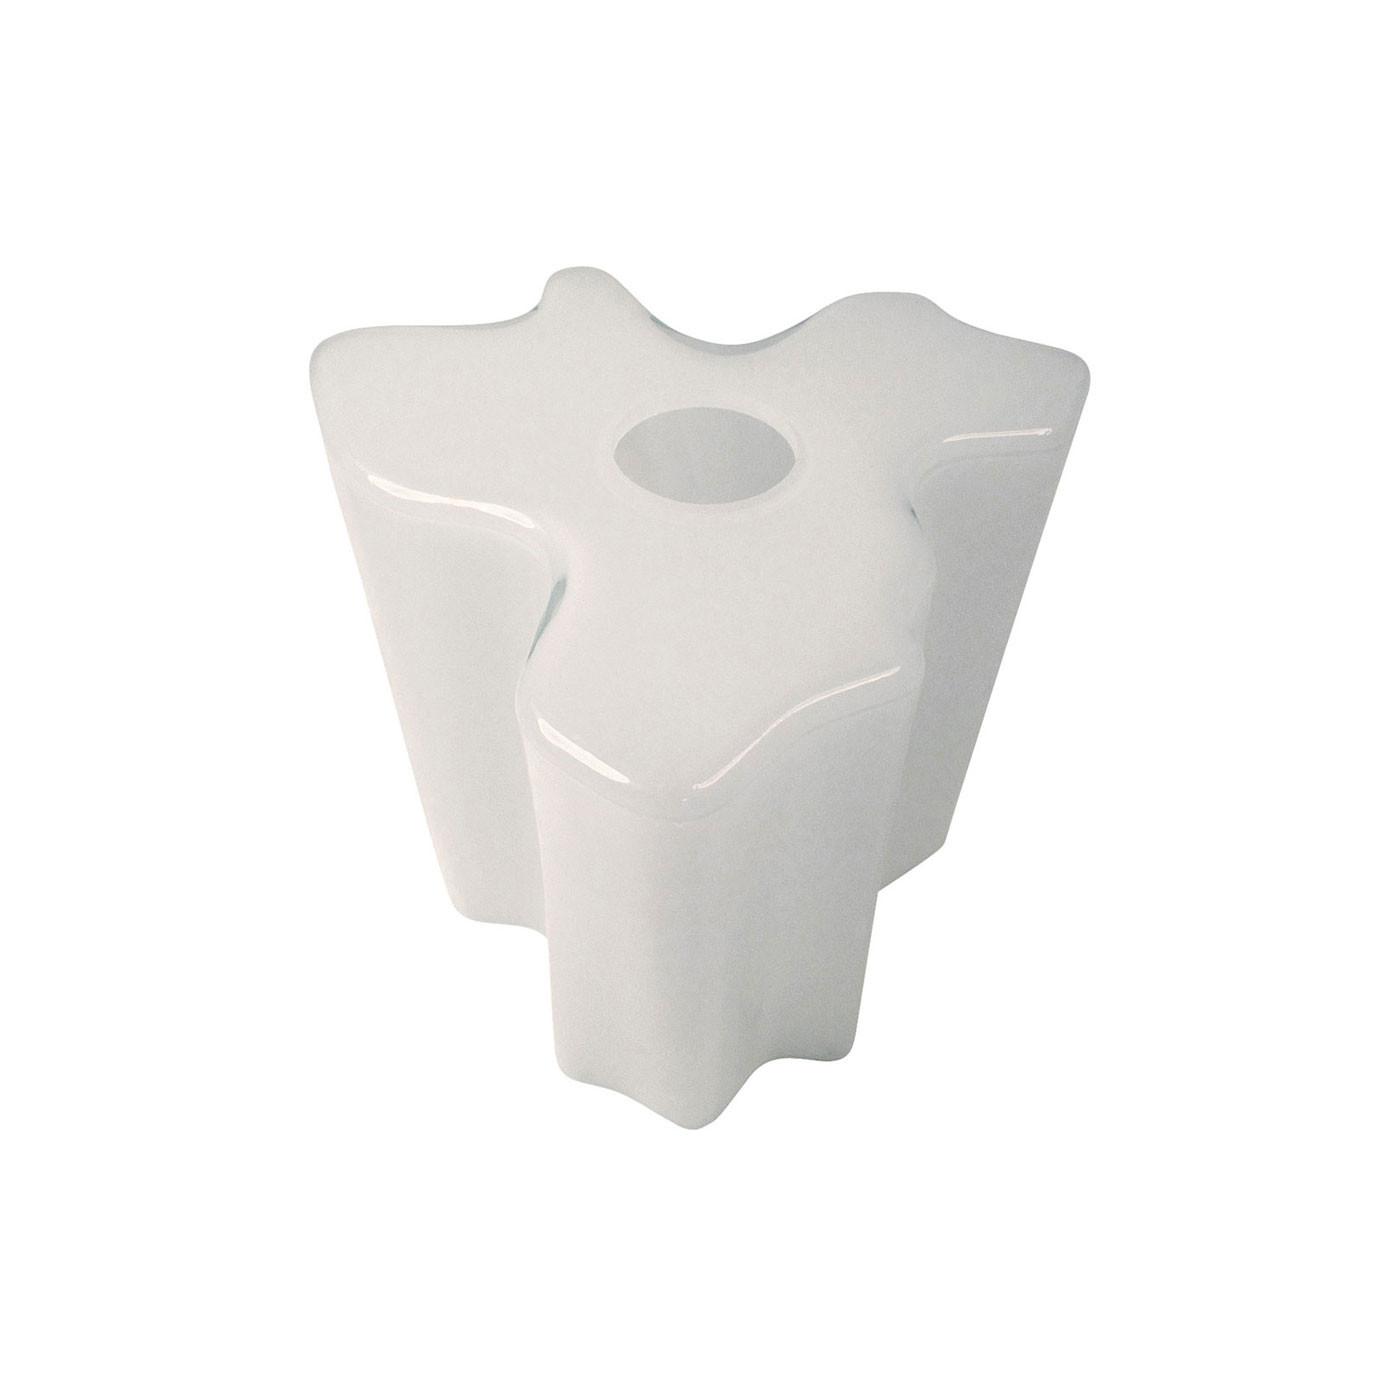 Artemide Logico Nano Ersatzglas für Decken- und Pendelleuchte